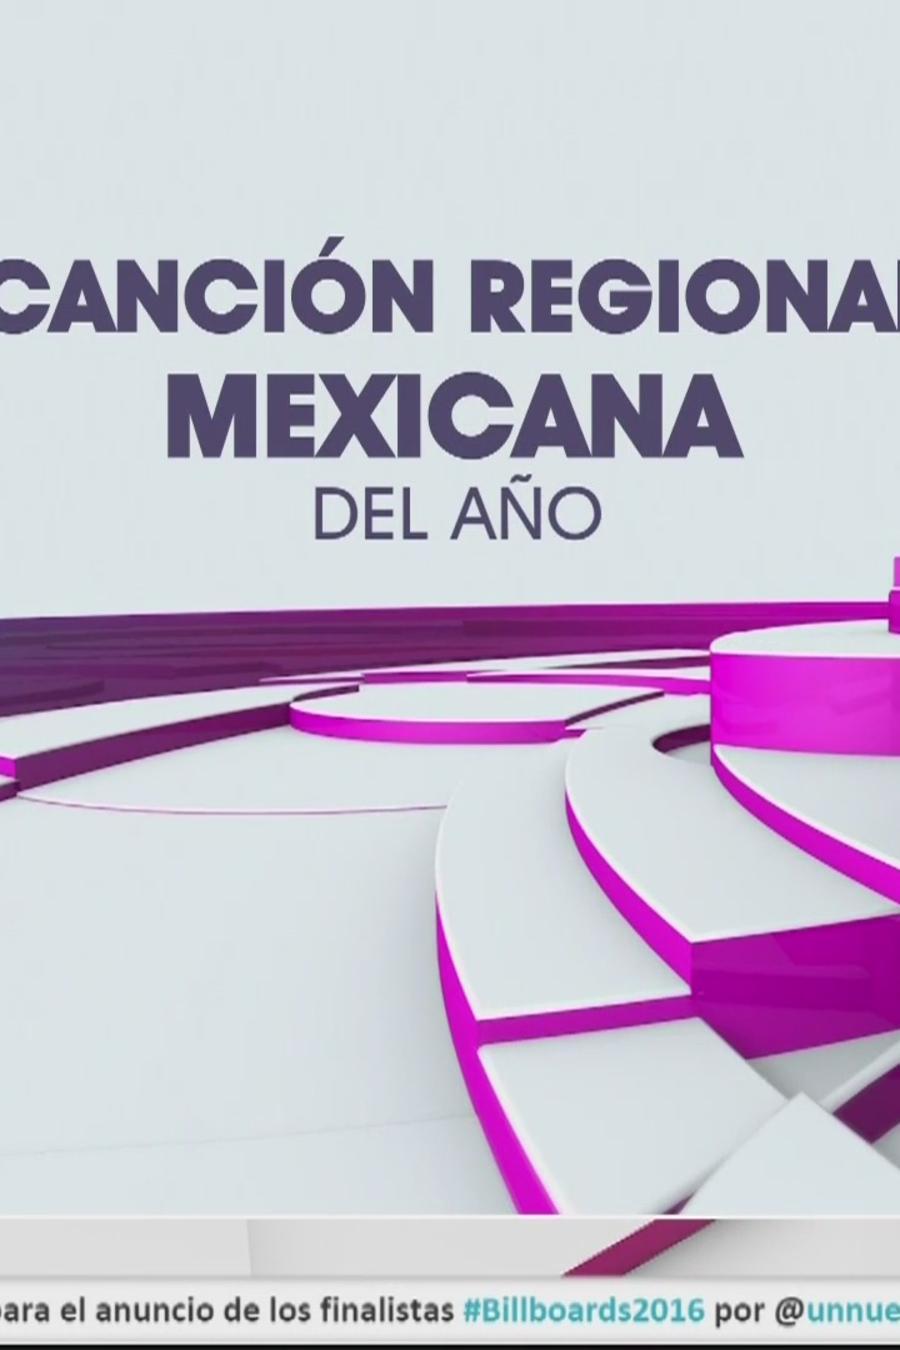 Canción Regional Mexicana del Año